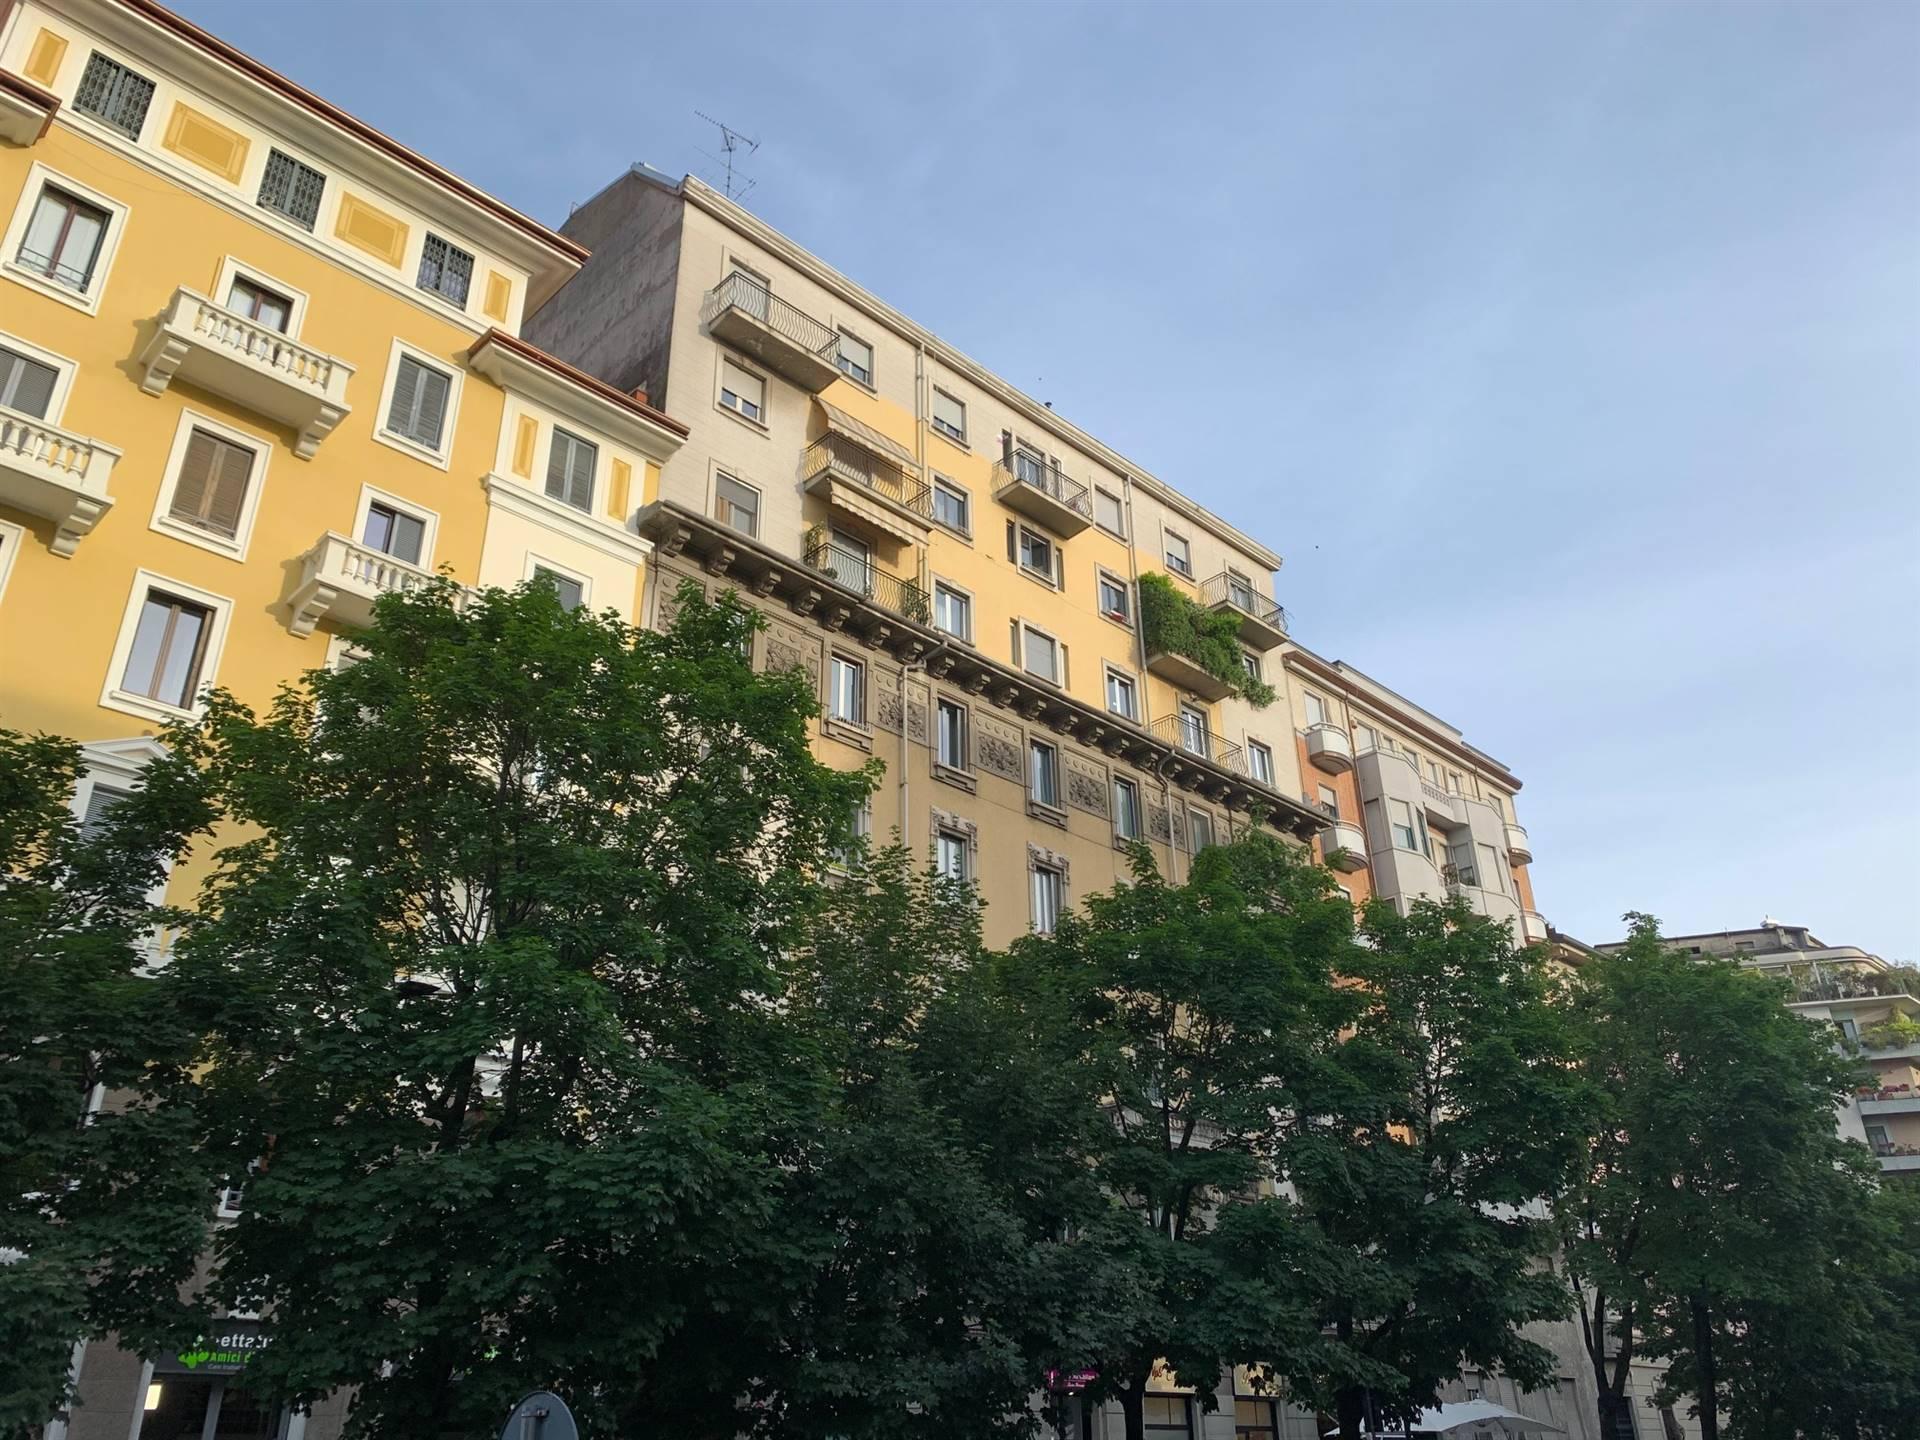 VIA SARDEGNA Posizione: L'appartamento si colloca in una zona centrale di Milano, ben collegata grazie alla metropolitana linea rossa fermata Wagner